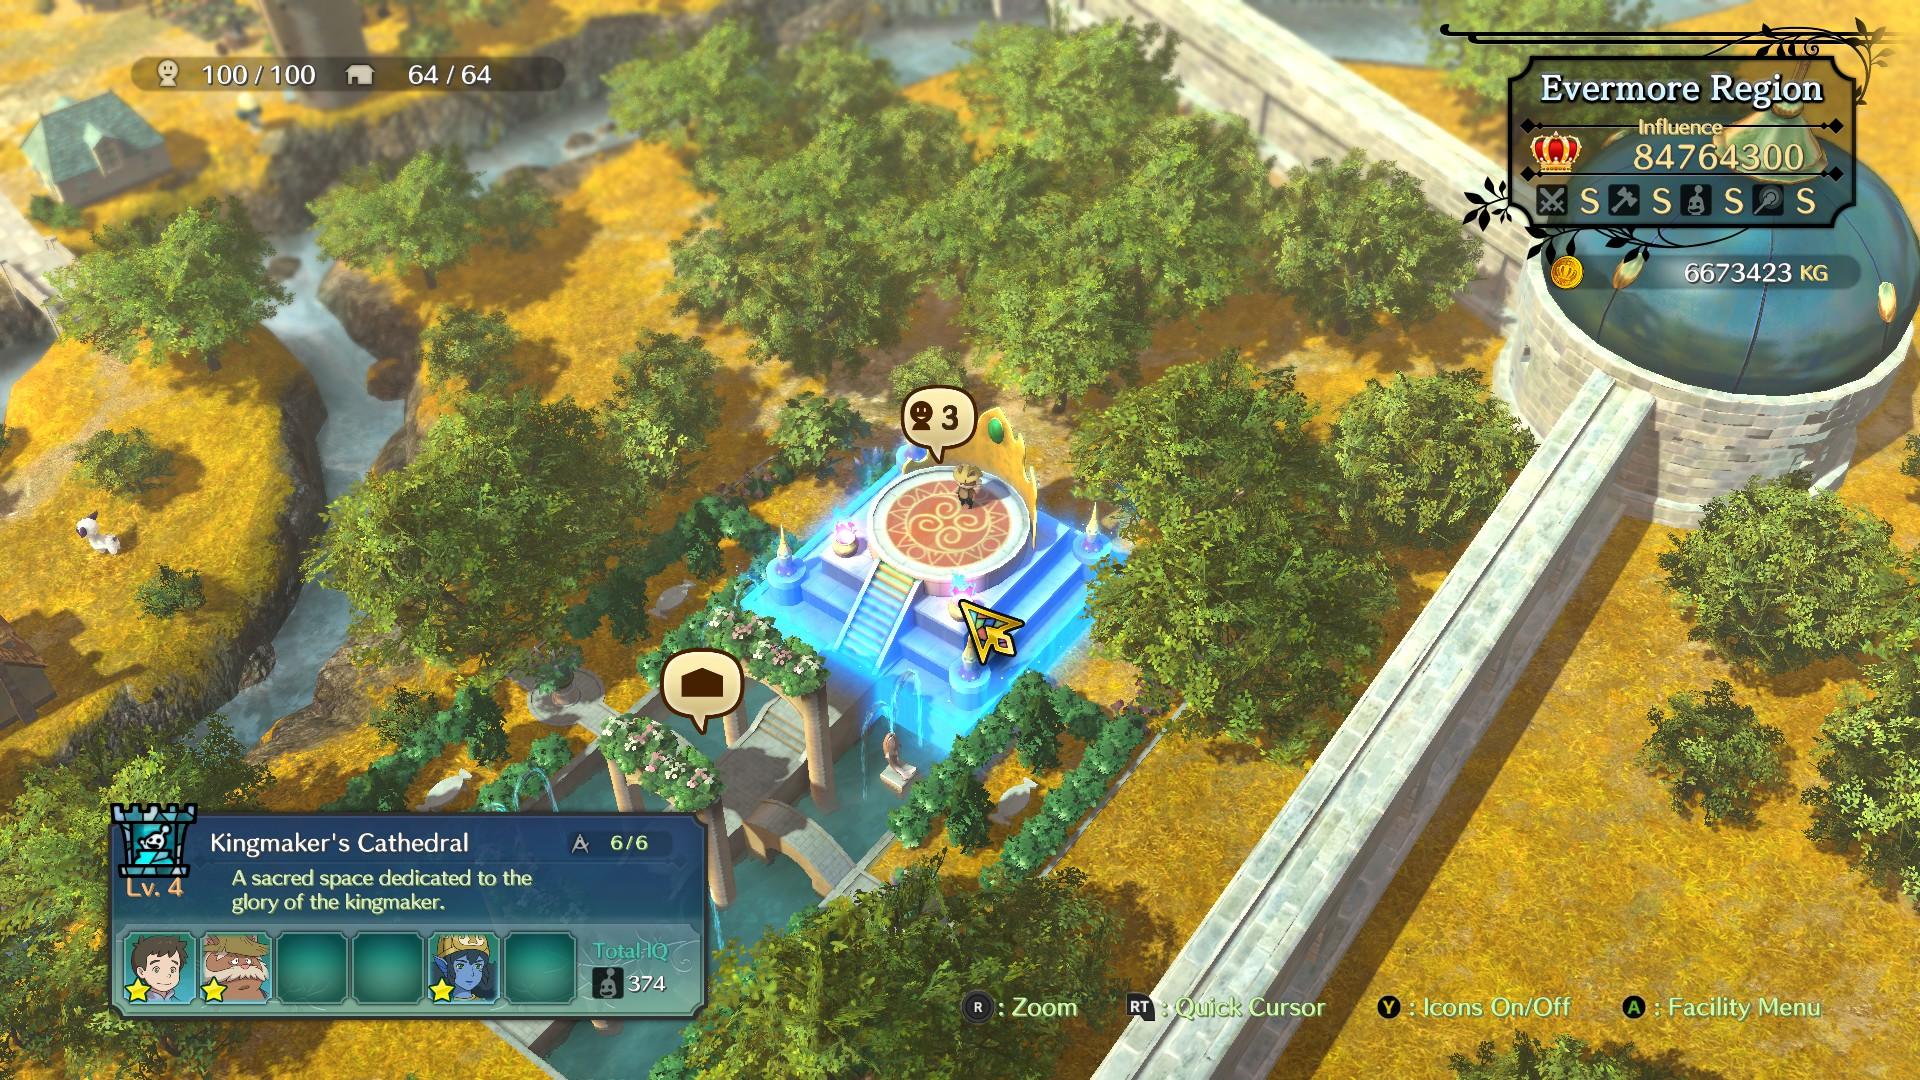 Steam community guide guia definitivo de conquistas a catedral se encontra no canto direito superior do seu reino apartir do nivel 3 fandeluxe Images